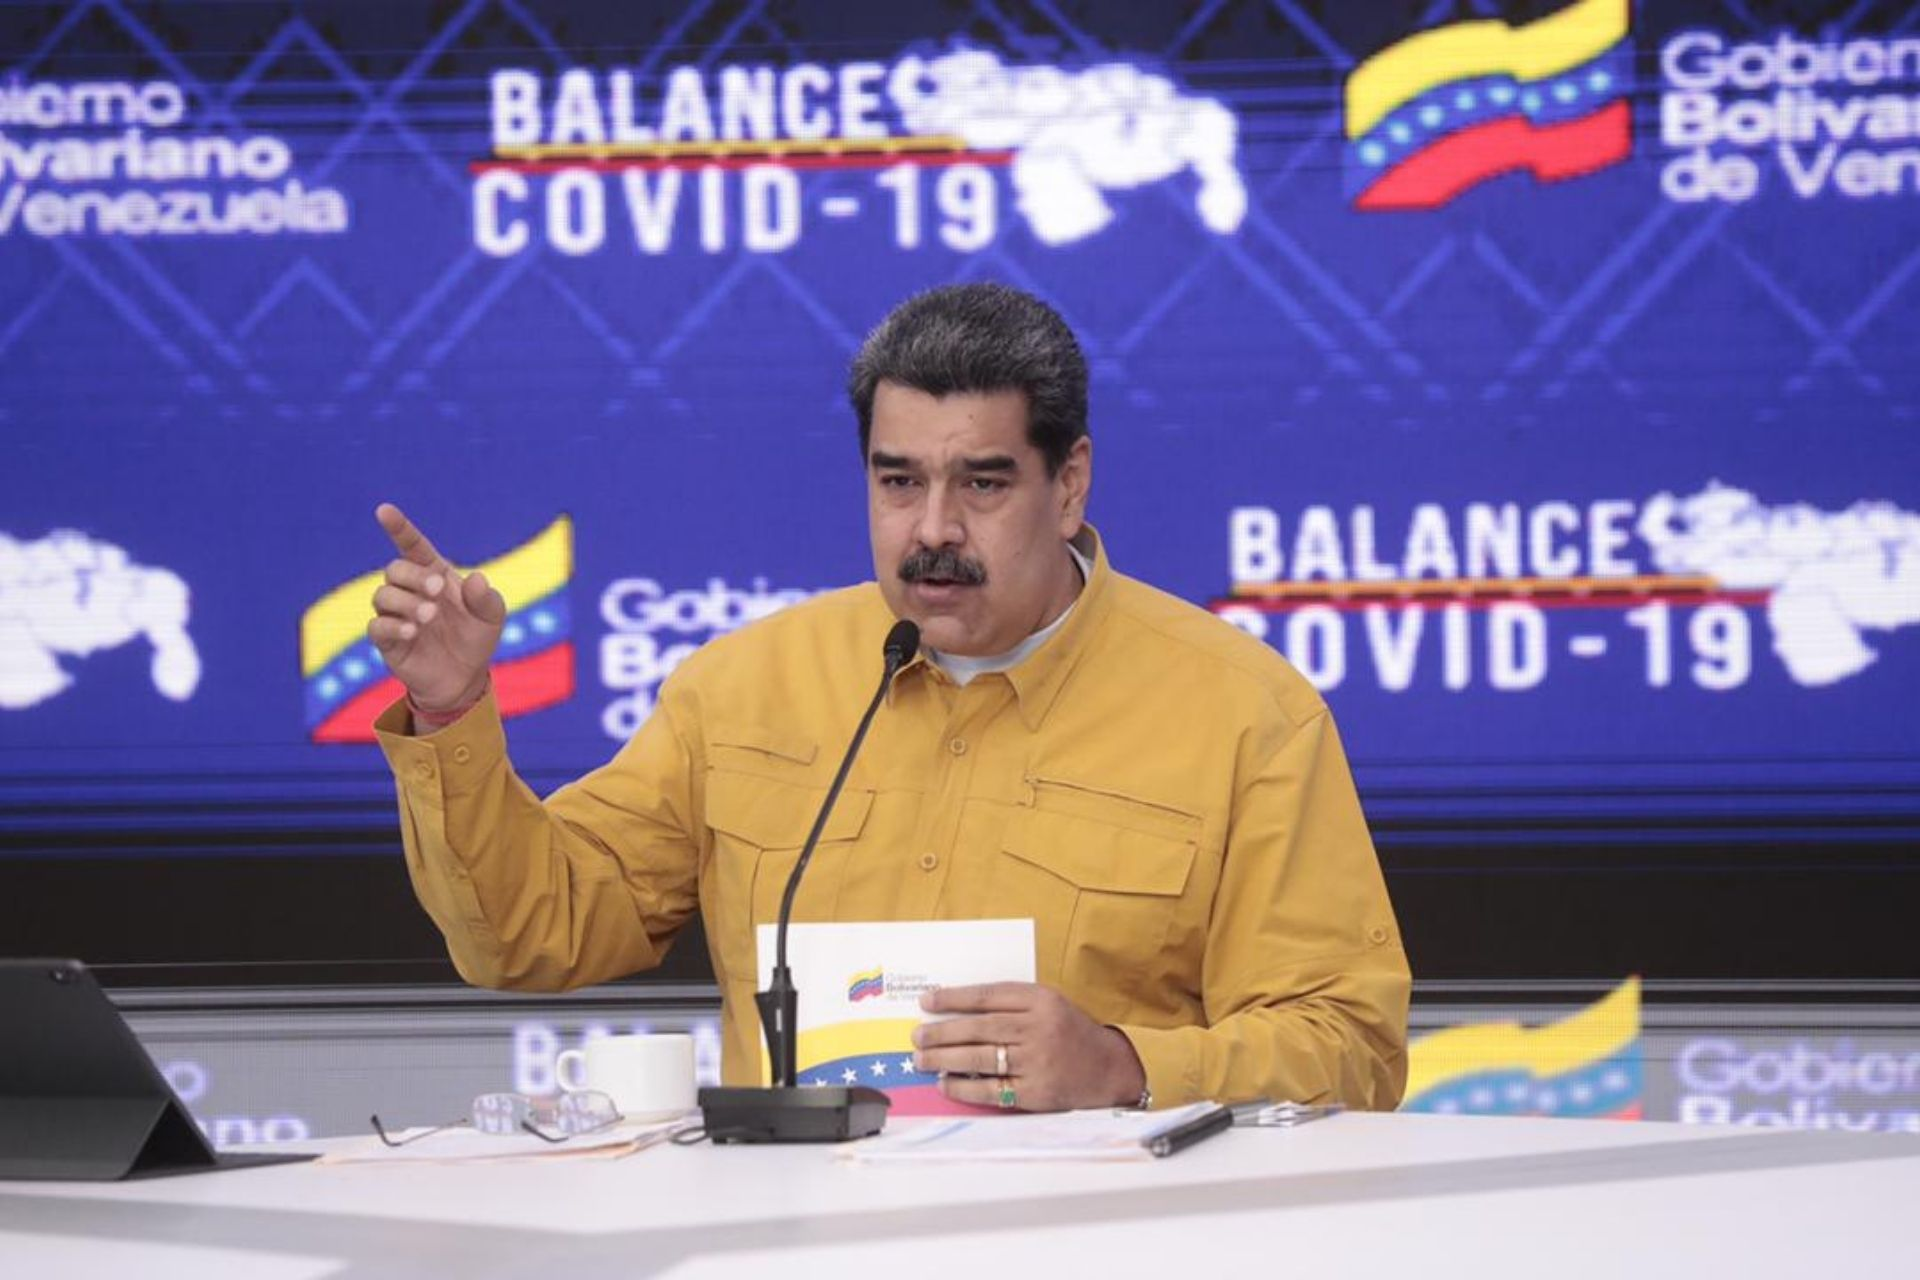 Nicolás Maduro utiliza oro y criptomonedas para financiar a grupos terroristas de las FARC y el ELN en Venezuela, según el líder opositor Juan Guaidó